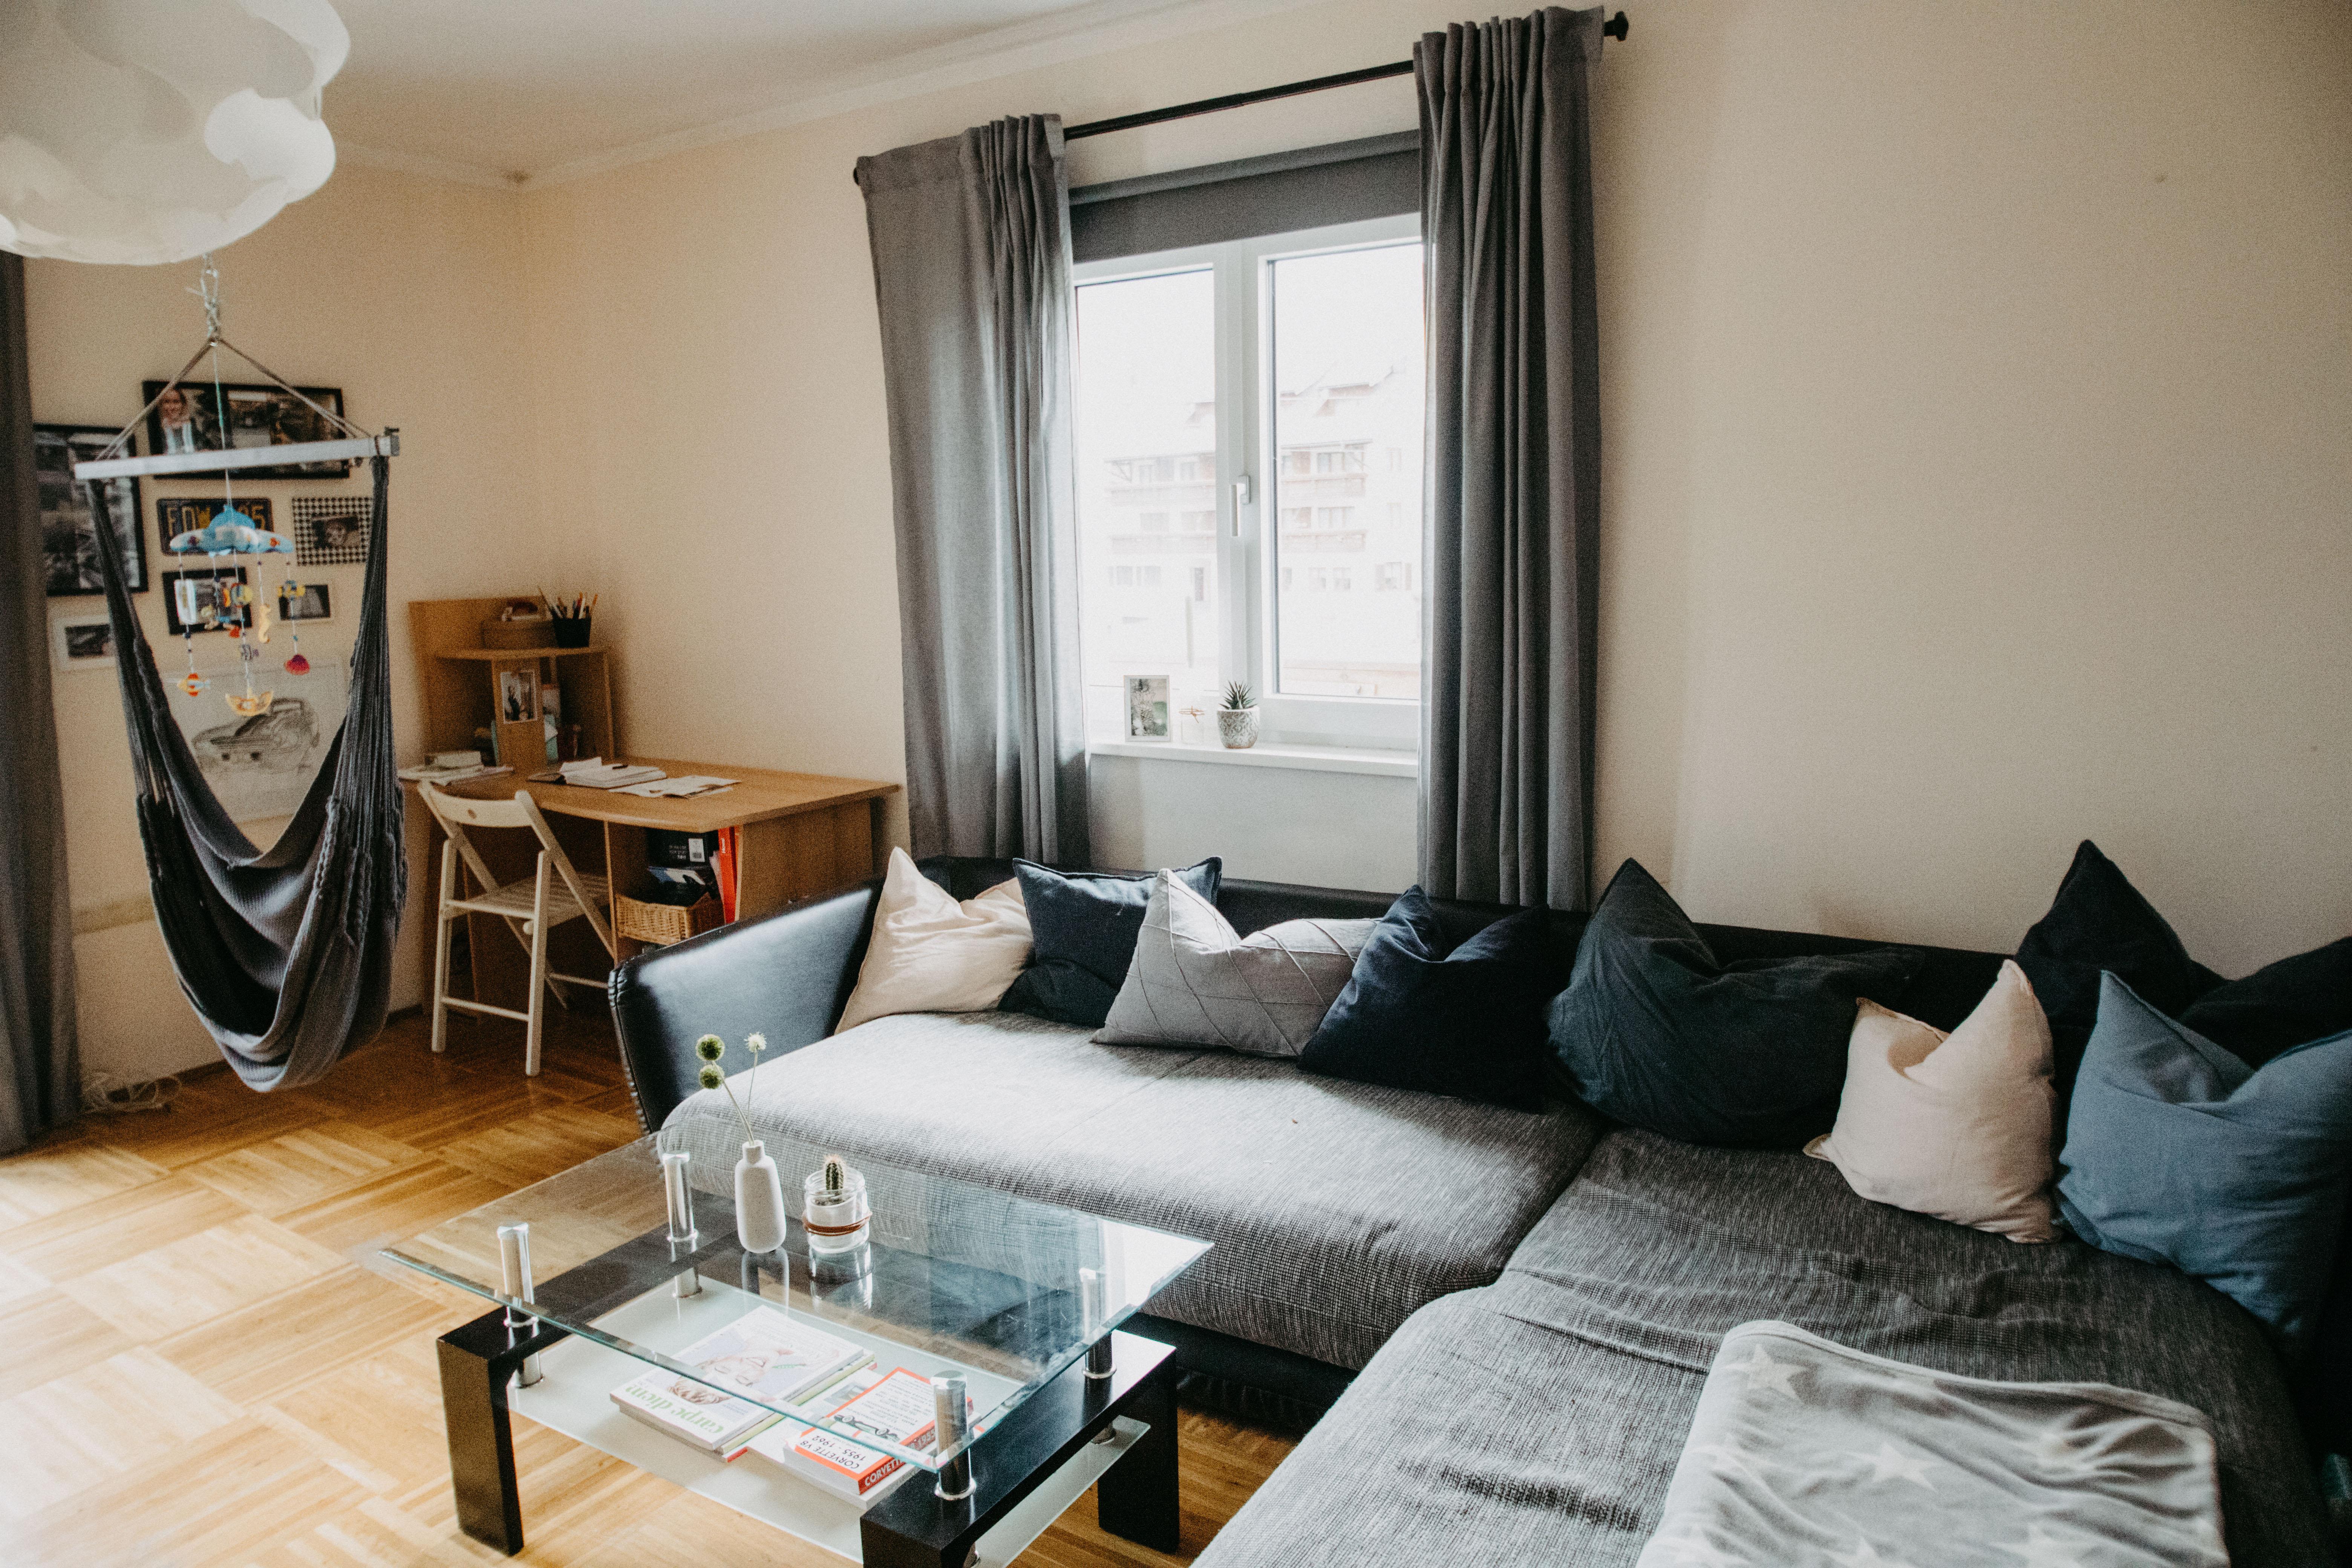 Wohnzimmer©juliamagnusdesign_02